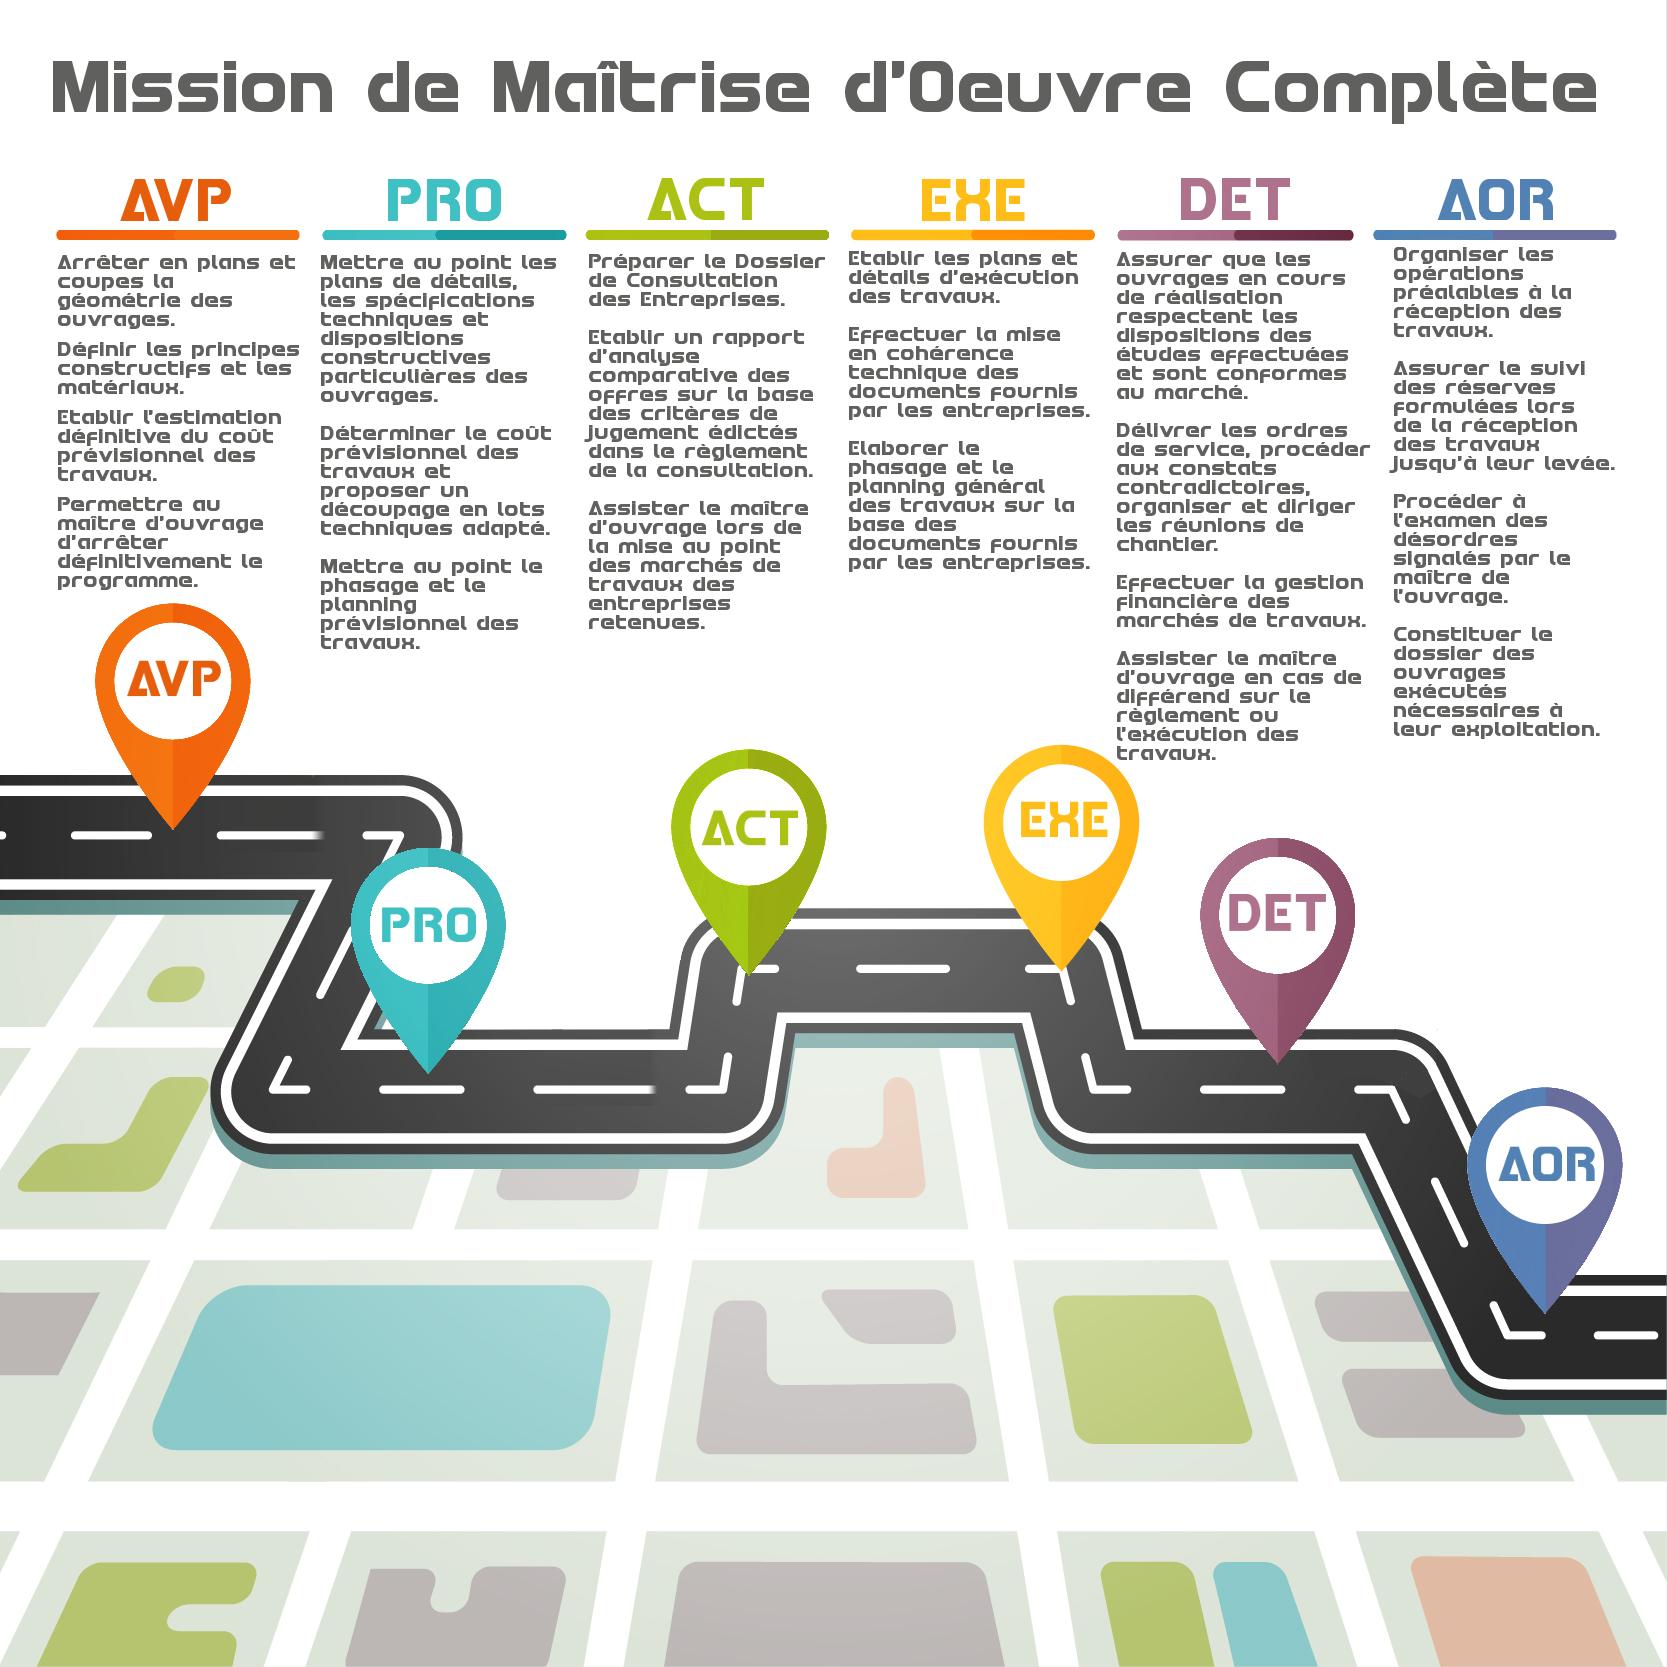 Mission De Maitrise D Oeuvre